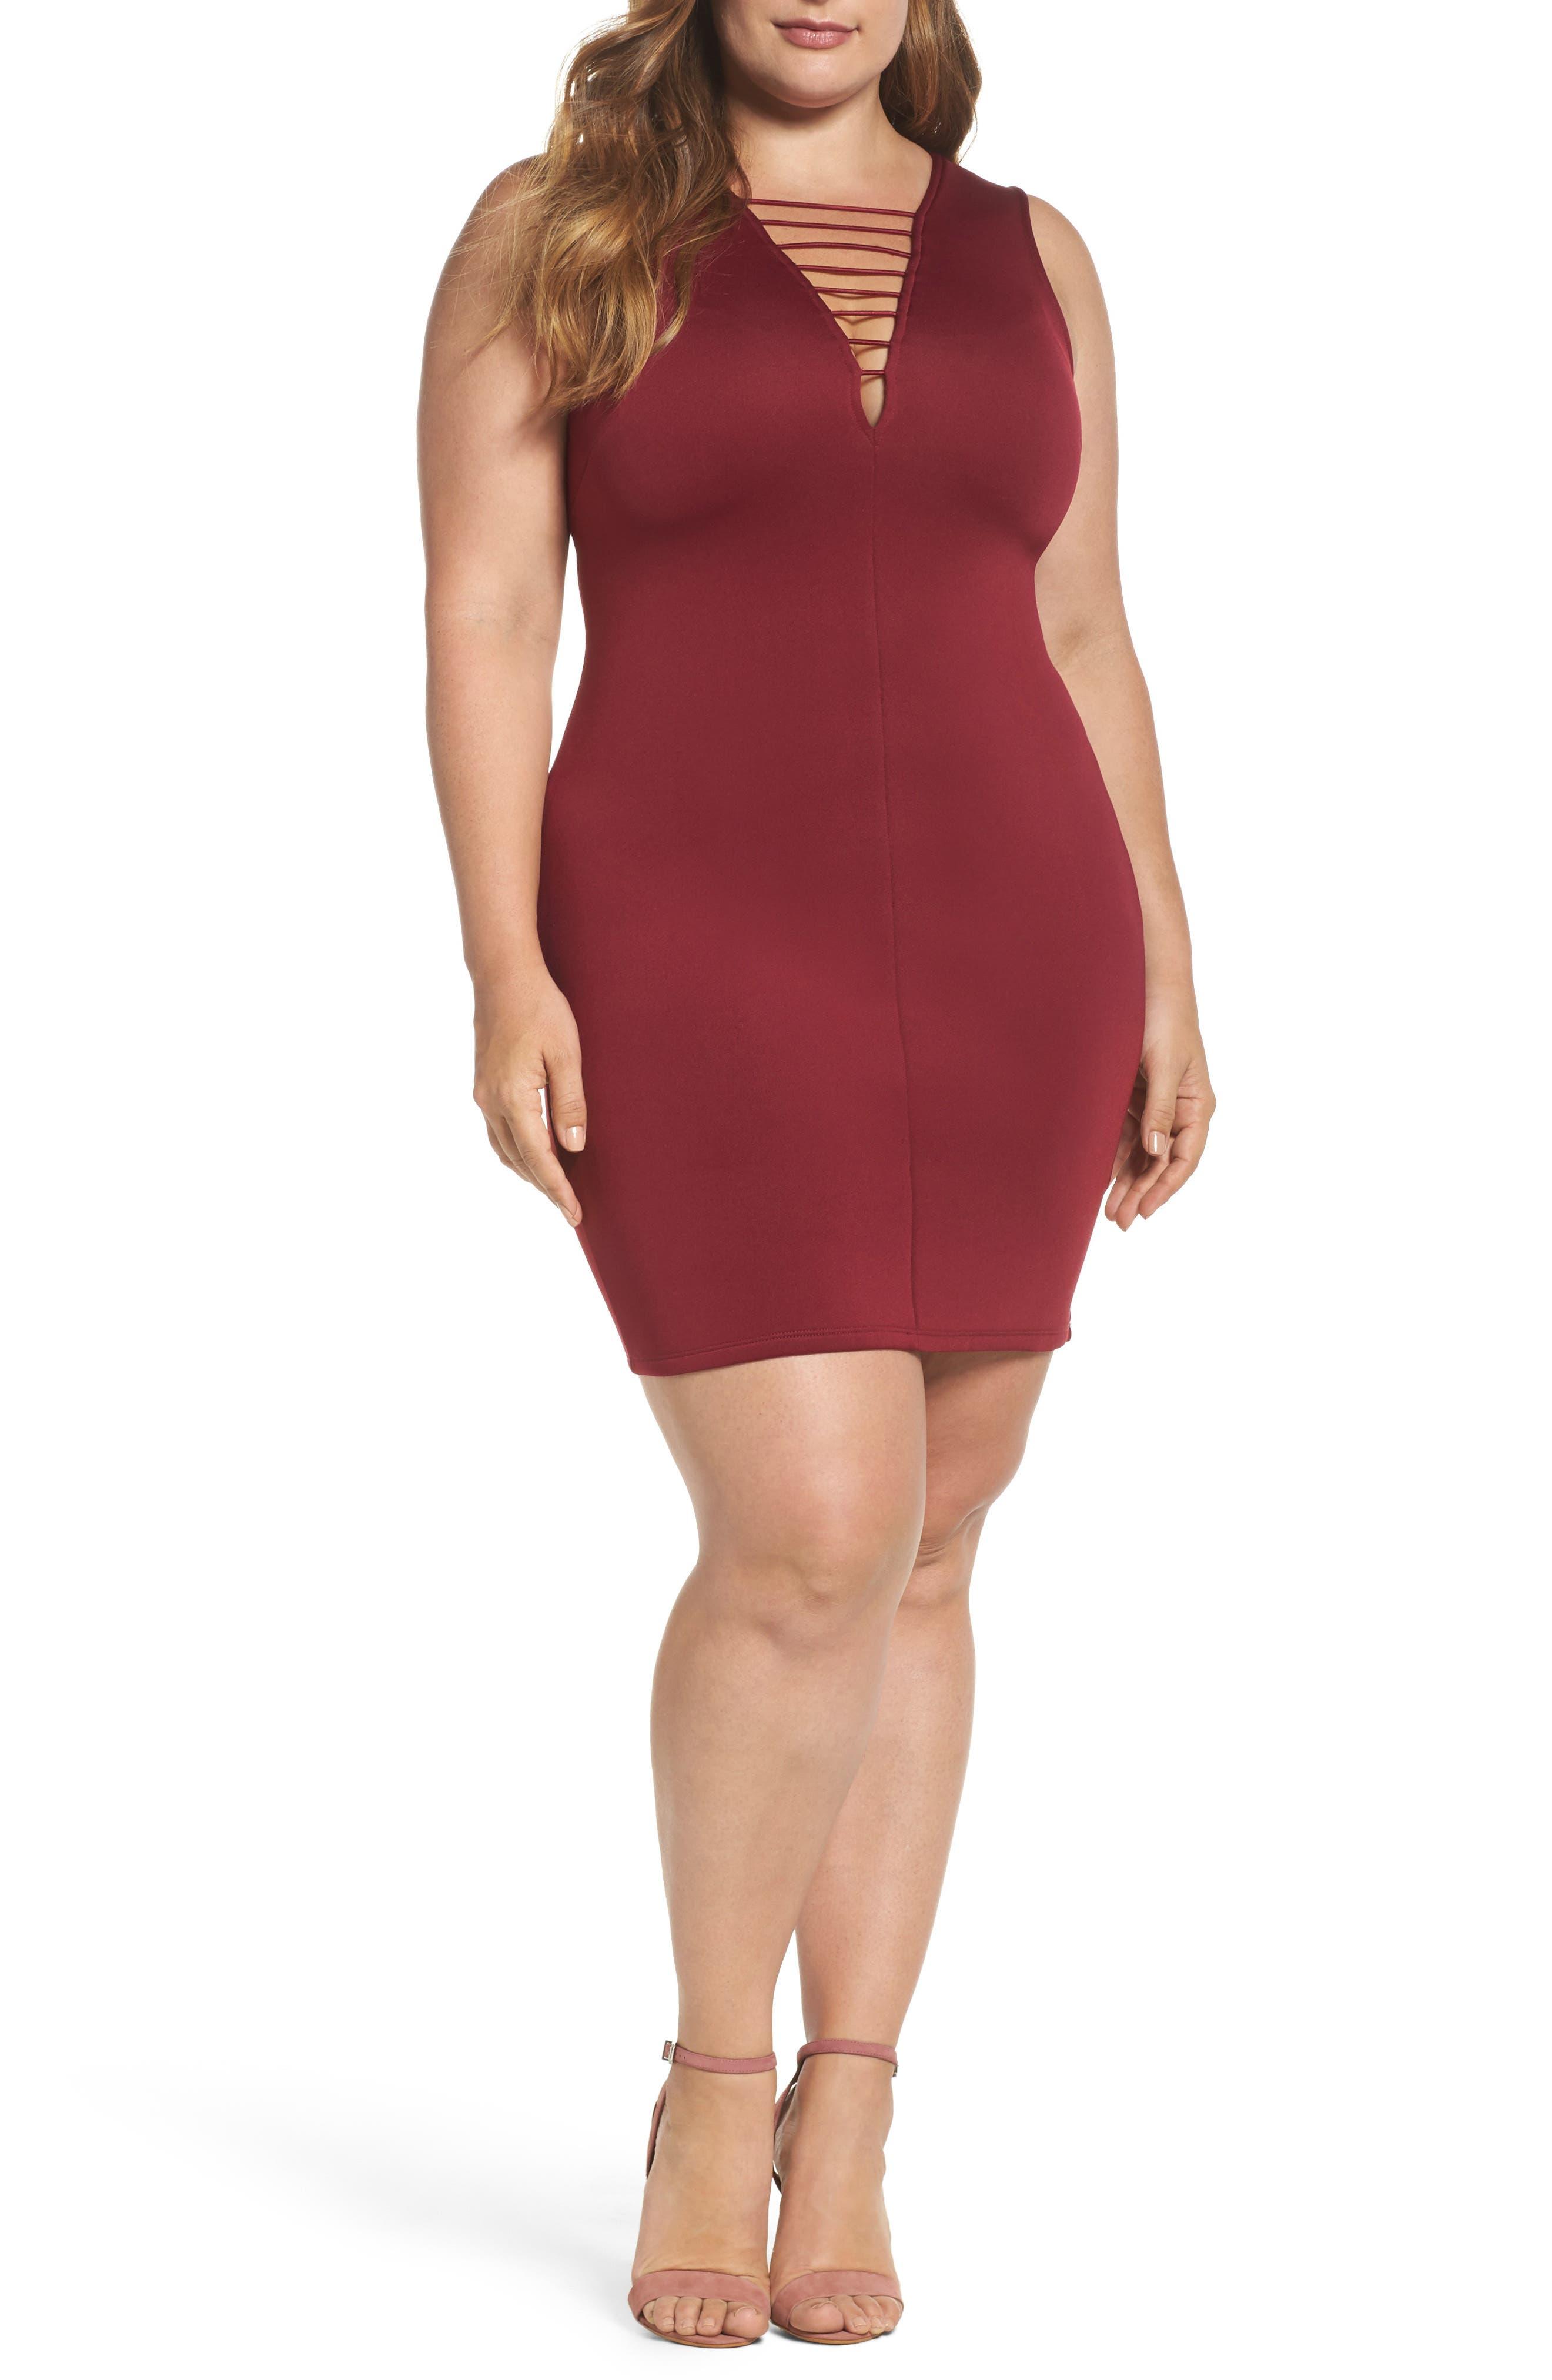 Soprano Strappy Double V Body-Con Dress